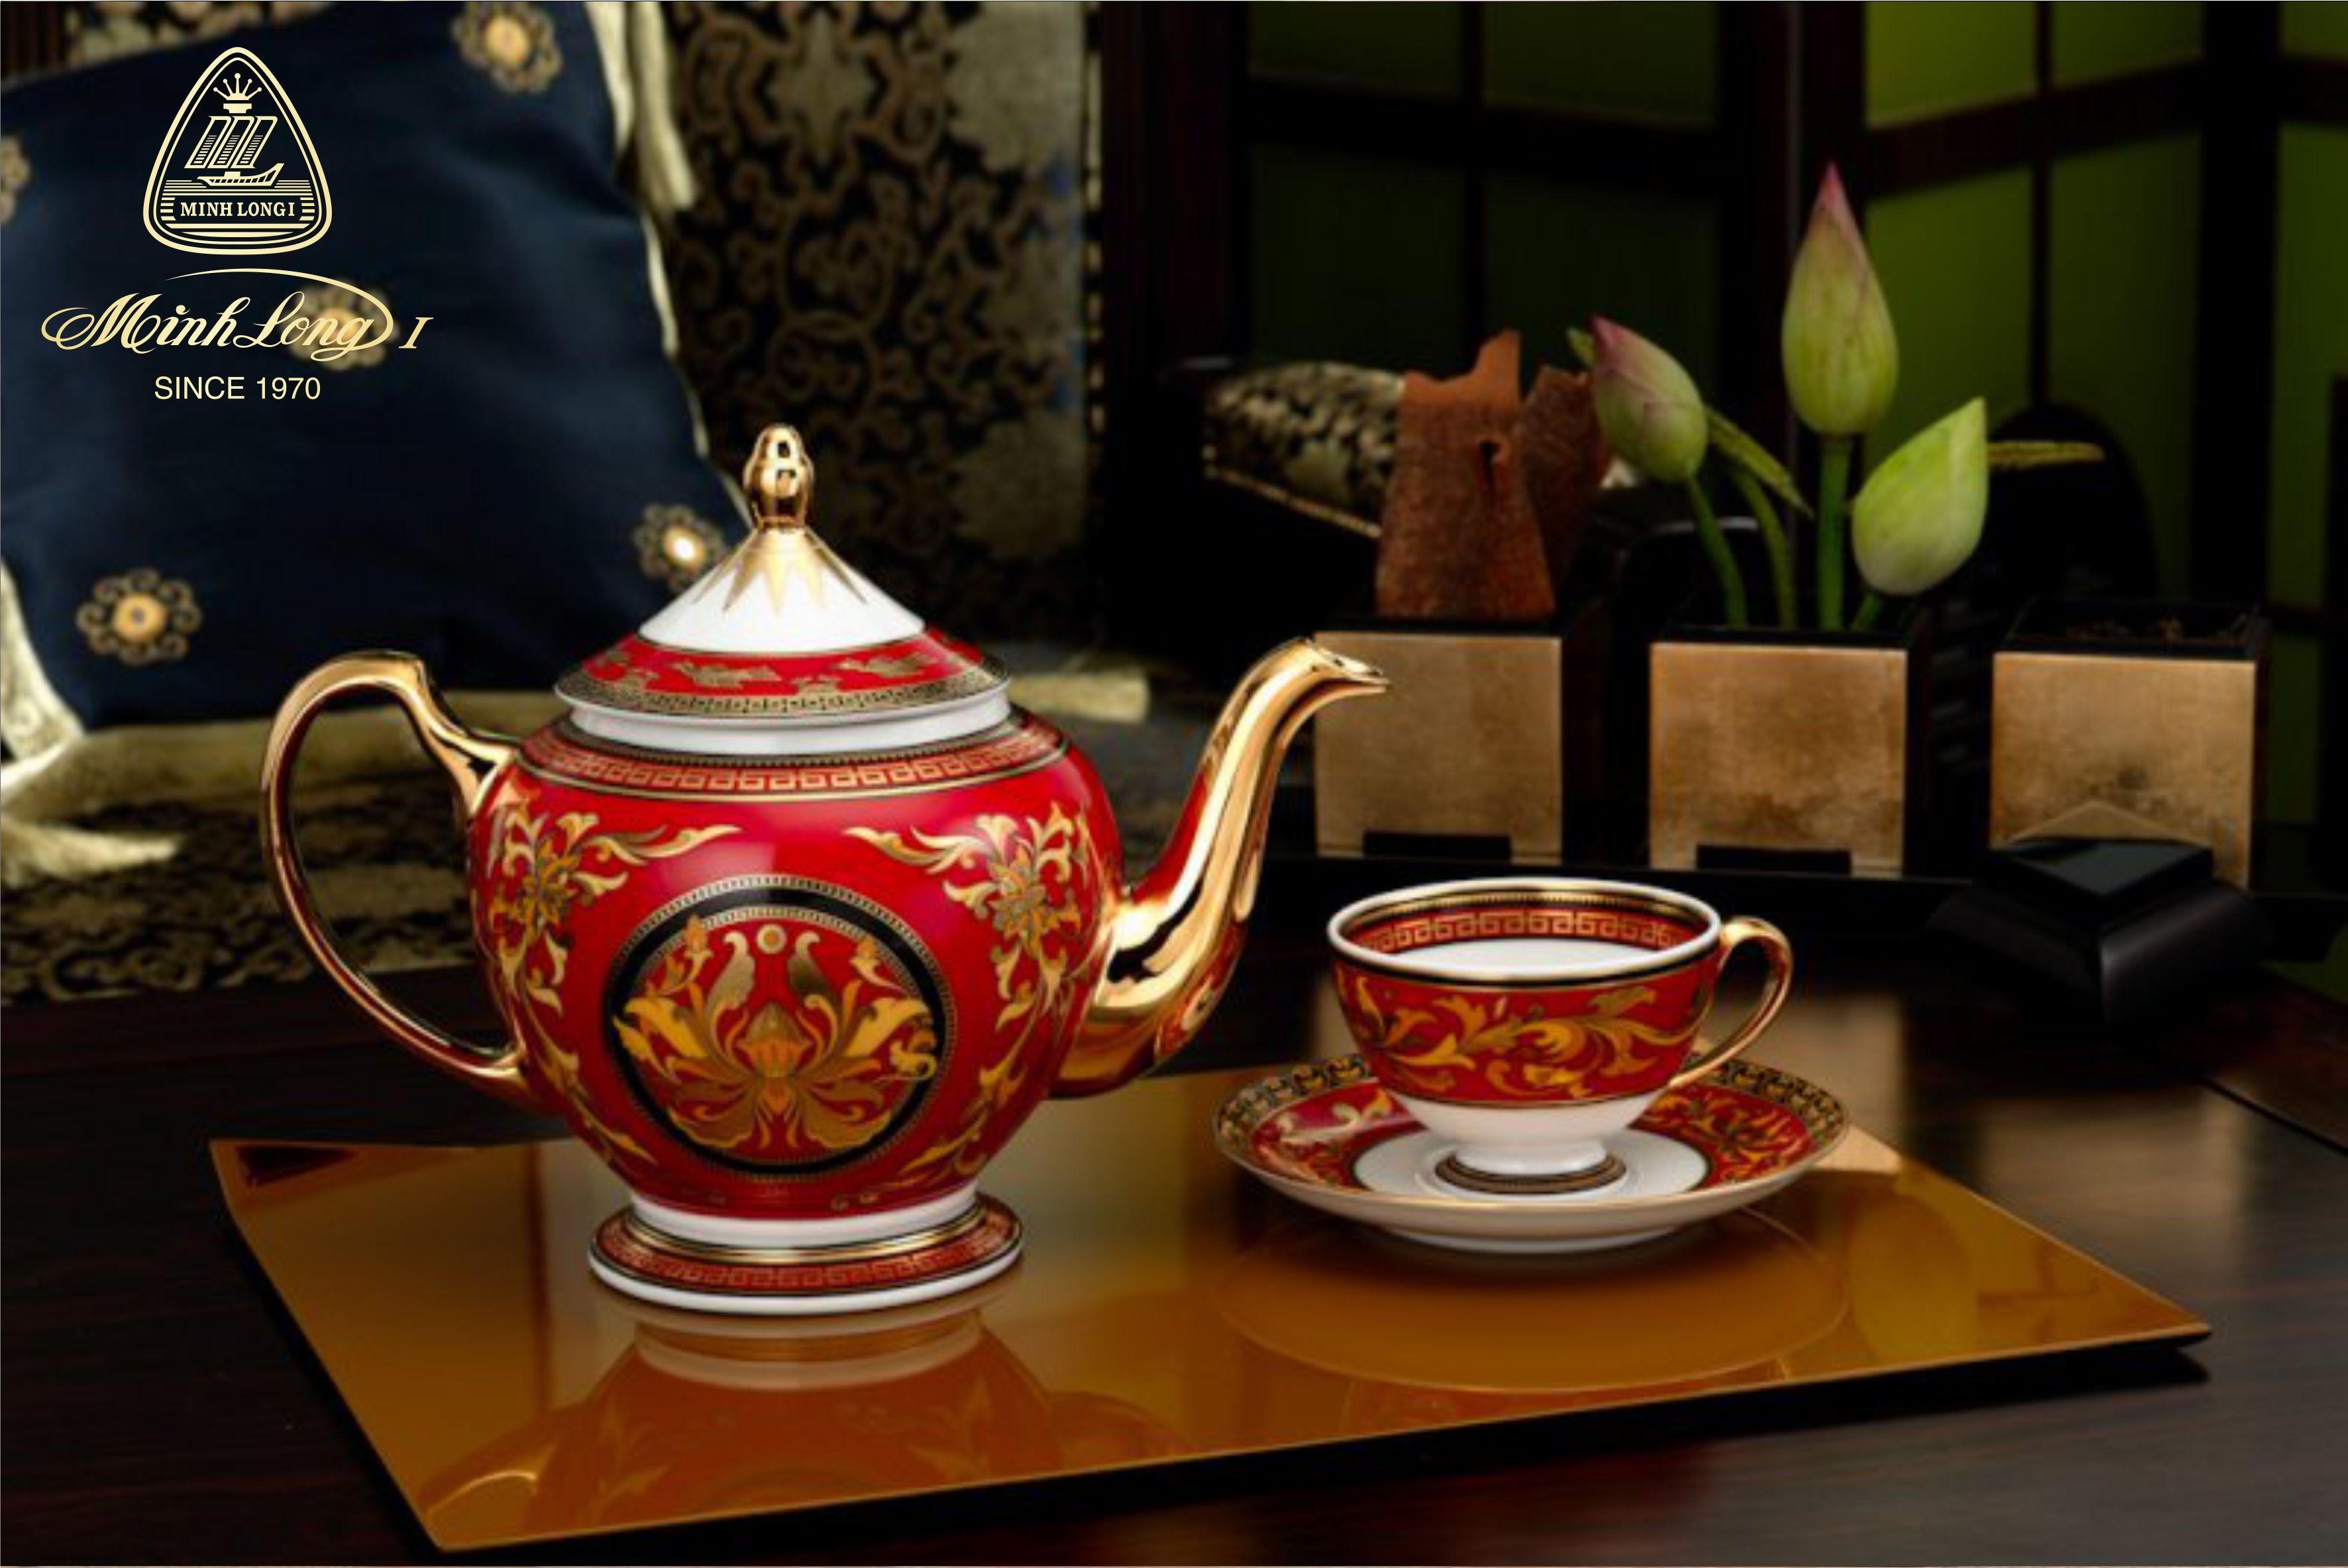 Bộ trà 0.8L Hoàng Cung Quốc Sắc 01084006803 Minh Long